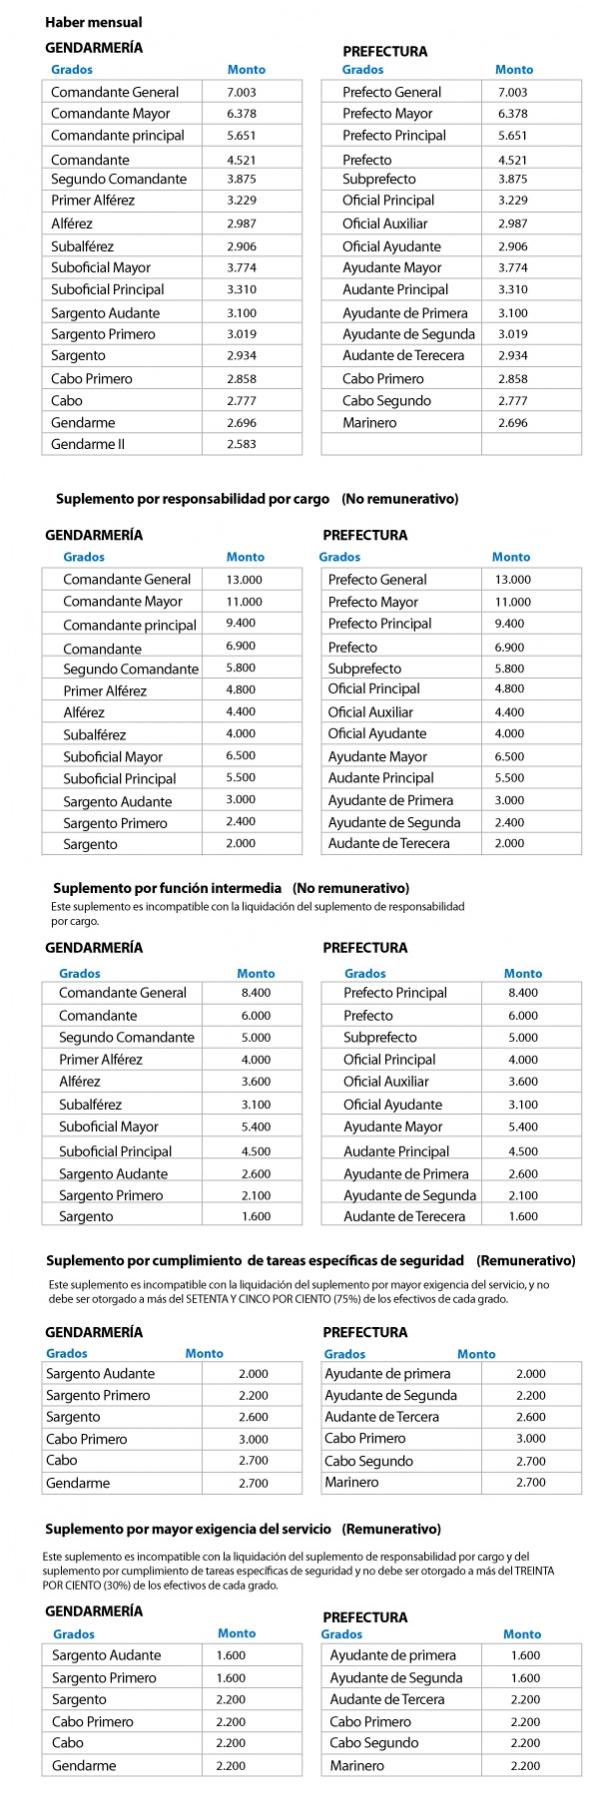 Así quedaron los salarios de los gendarmes y prefectos tras el decreto